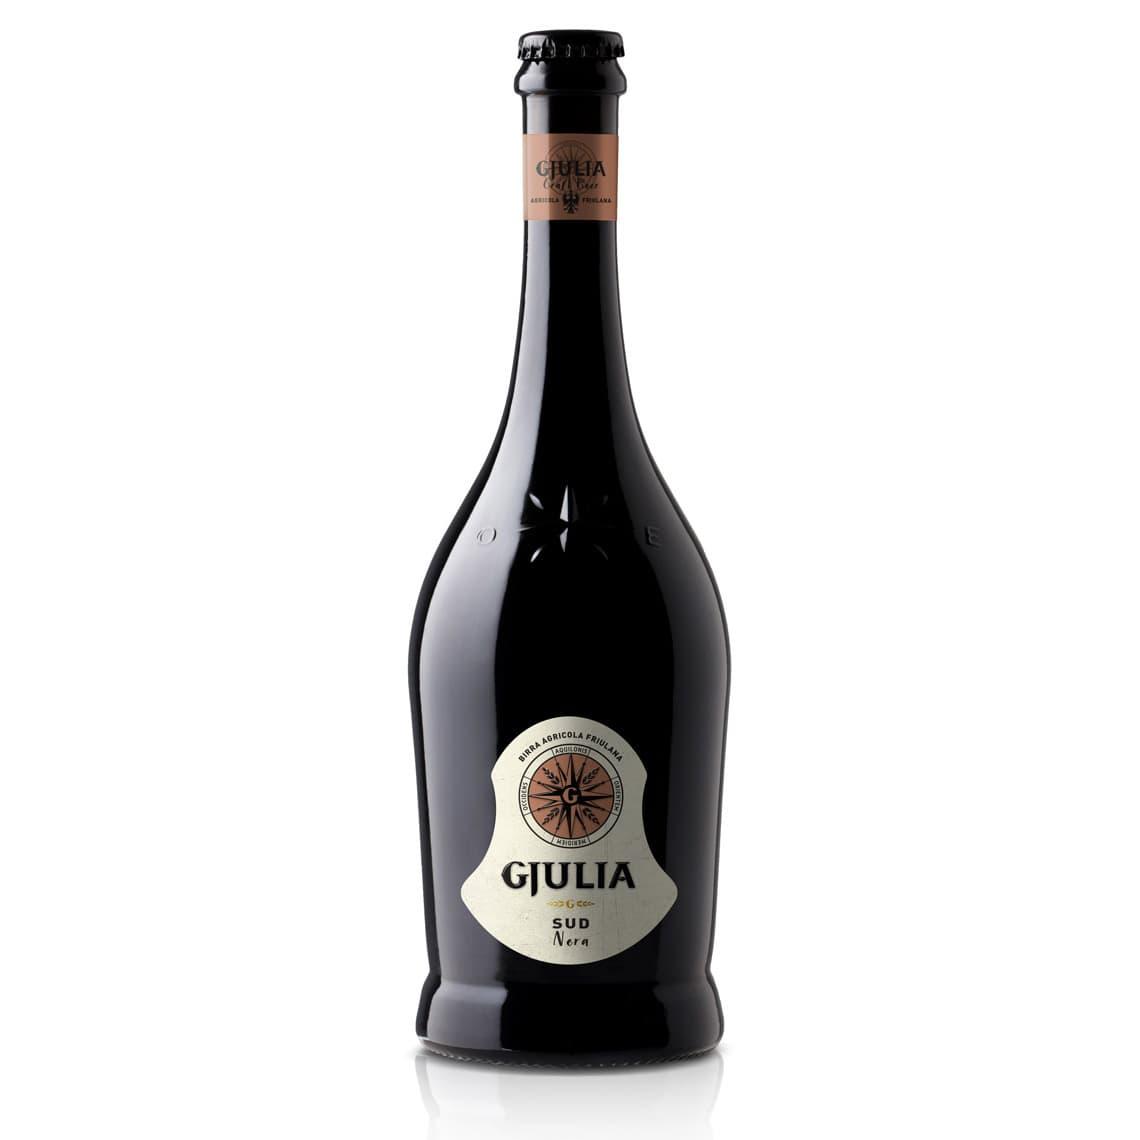 Birra GJULIA Sud h1140